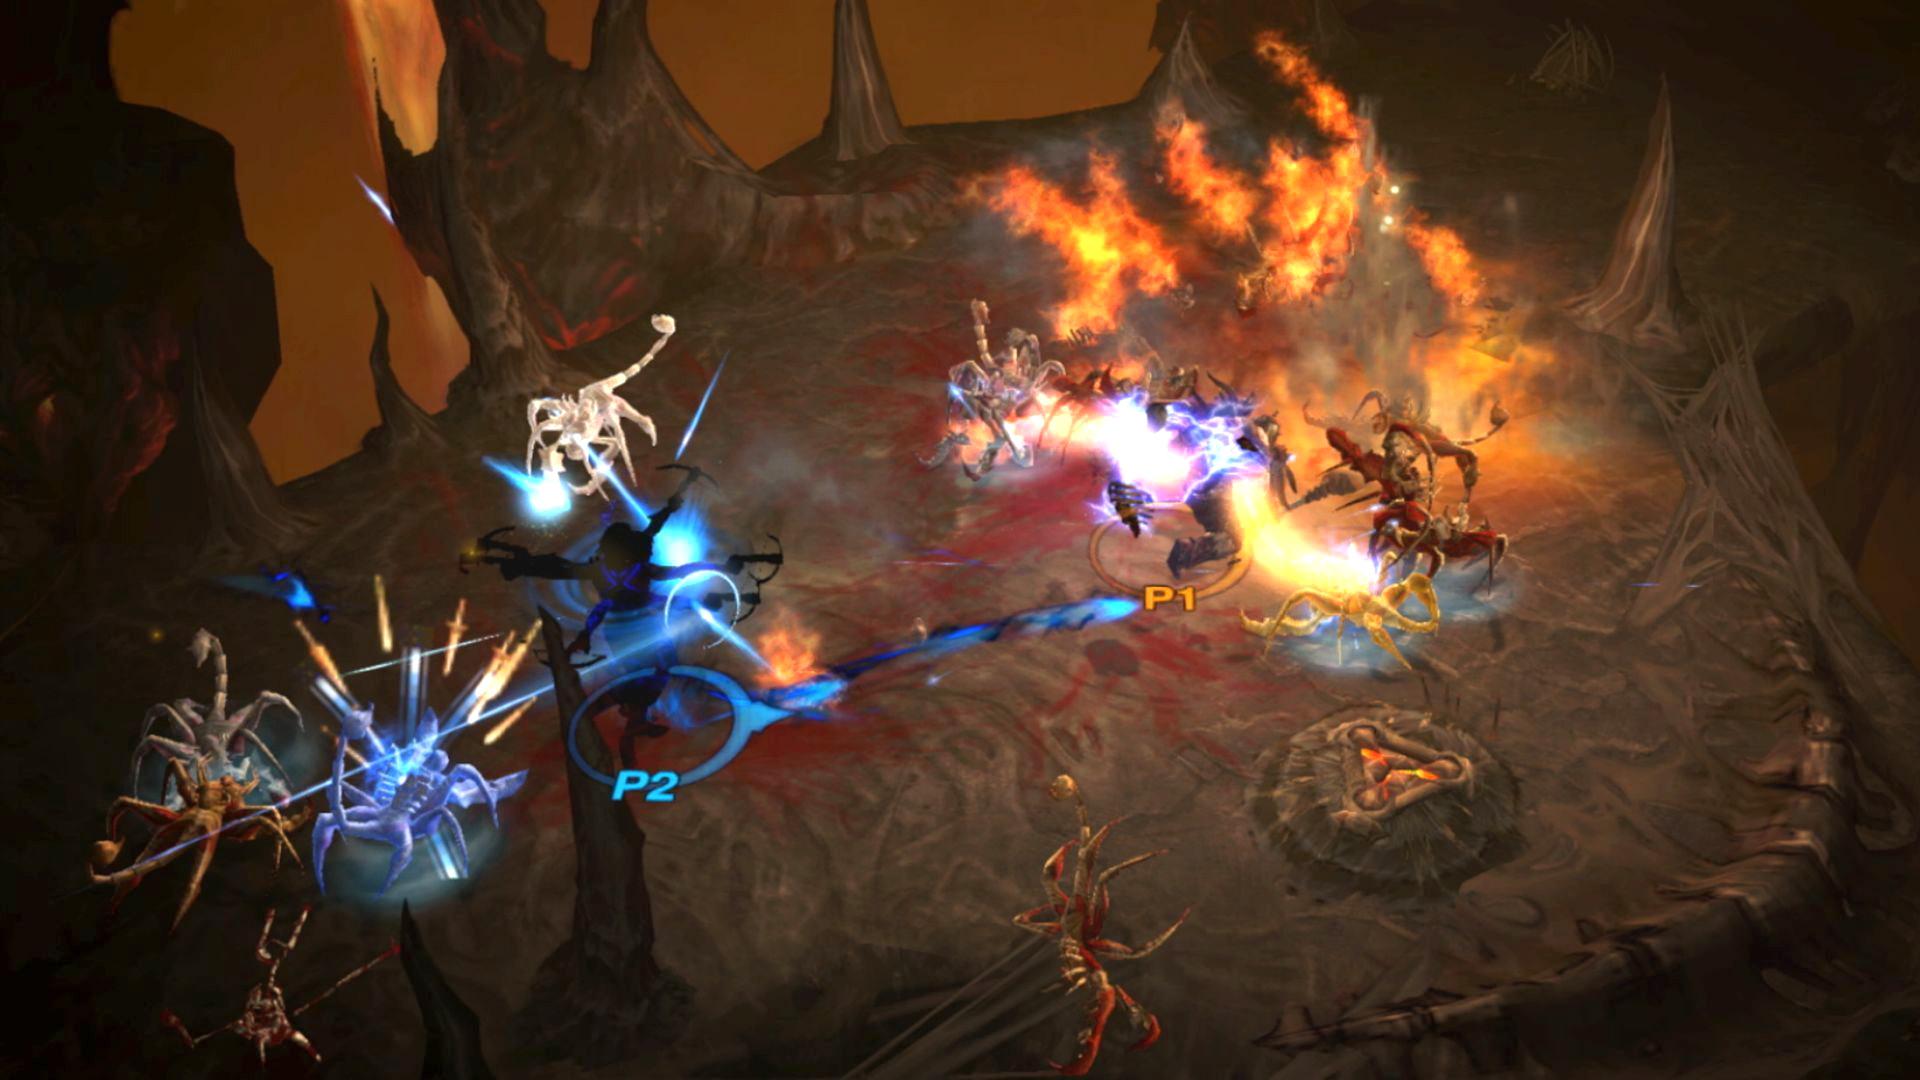 """Im TV-Betrieb läuft """"Diablo 3"""" flüssig mit 60 Einzelbildern pro Sekunde und bei Full-HD-Auflösung. Als Handheld-Spiel schafft es nur knapp 30 """"FPS"""""""